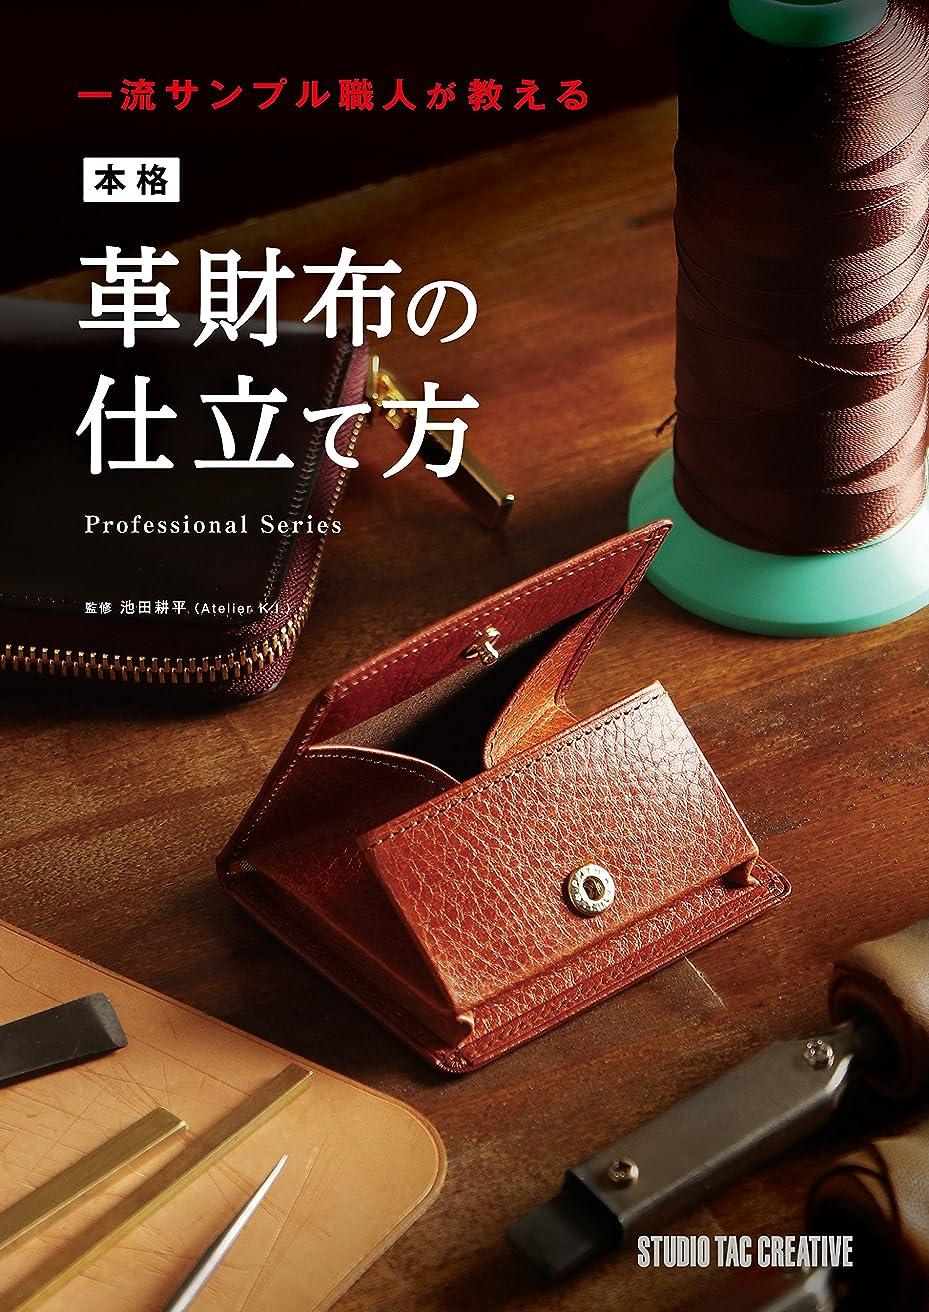 首シート寂しい本格革財布の仕立て方 一流サンプル職人が教える (Professional Series)